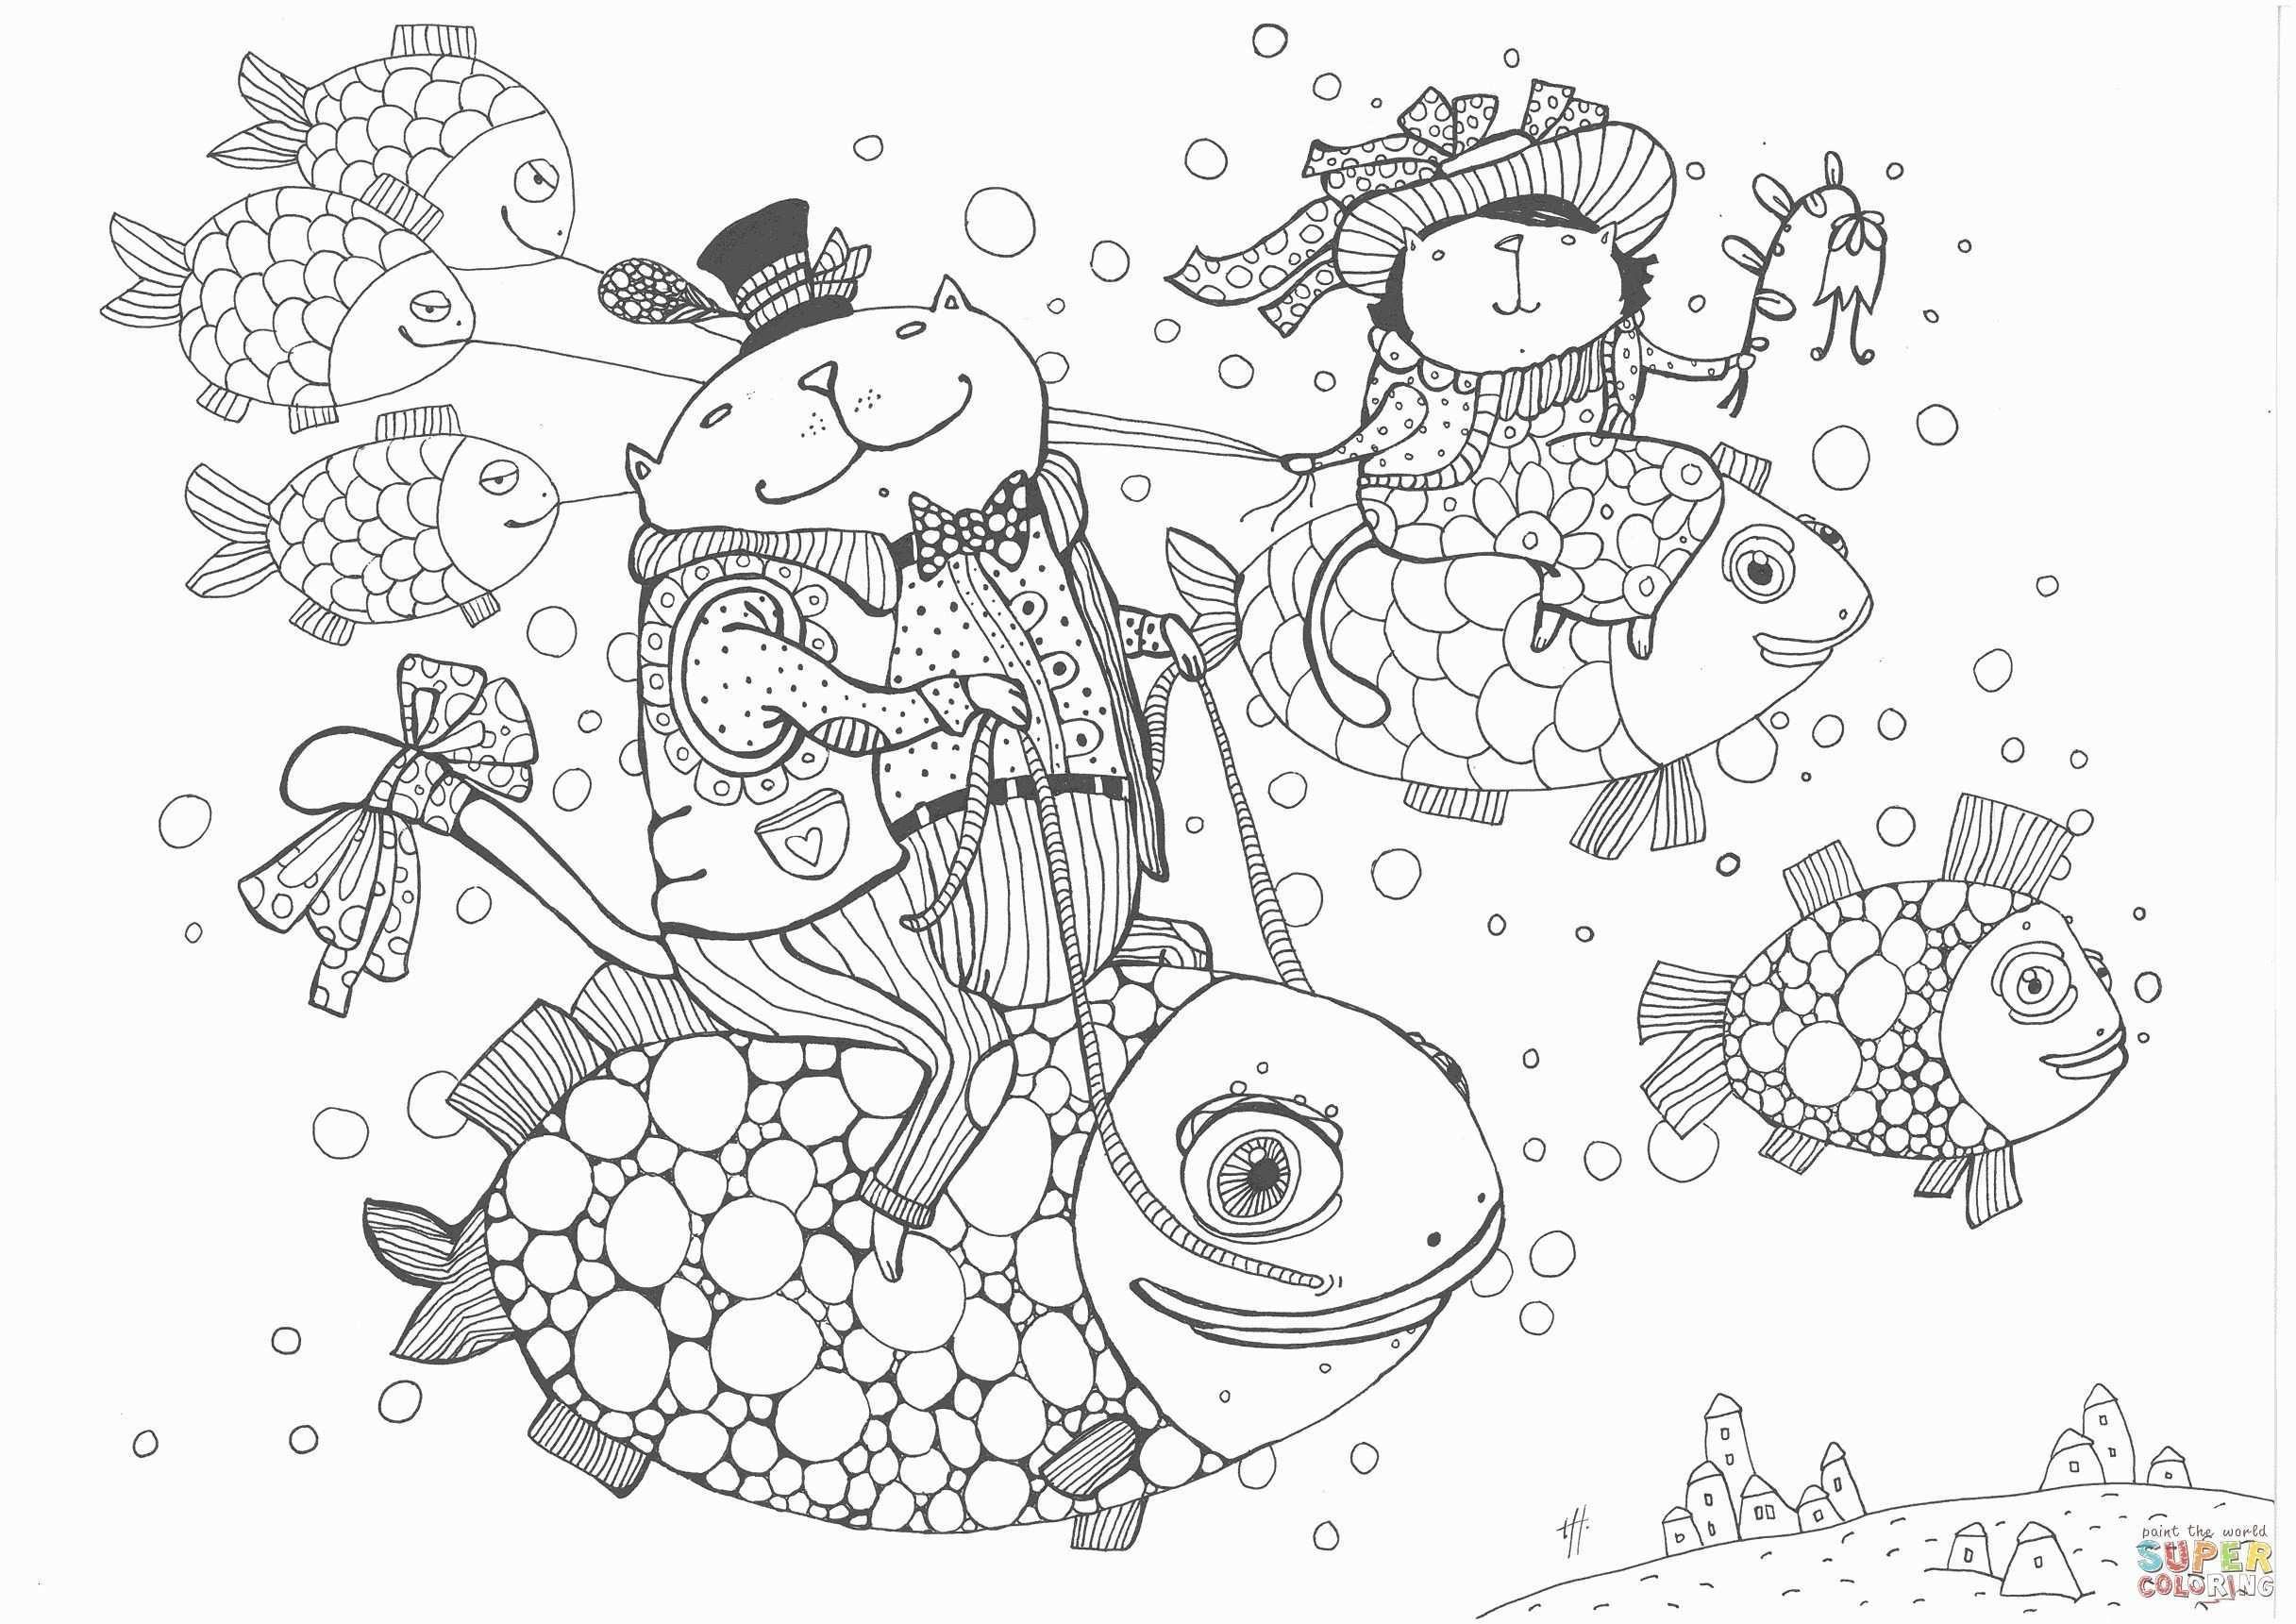 Ausmalbilder Elsa Neu Free Frozen Coloring Pages to Print Unique 32 Frozen Ausmalbilder Bild